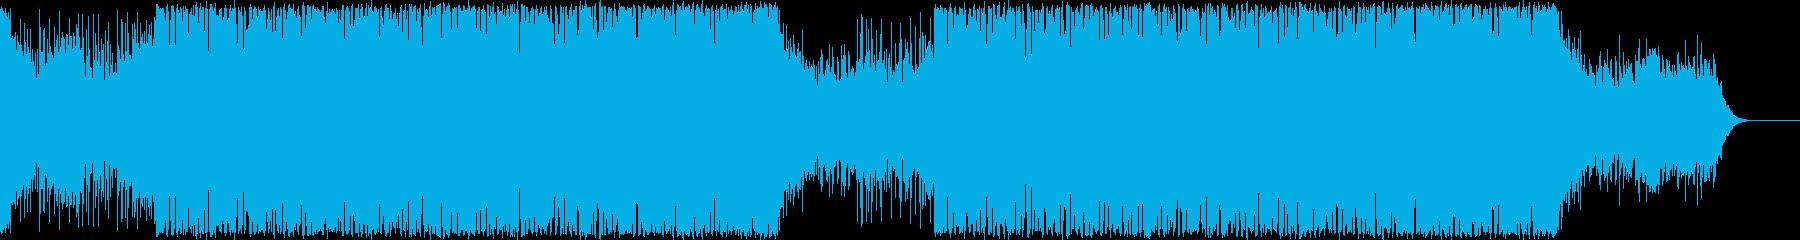 切ないメロディのEDM/トロピカルハウスの再生済みの波形